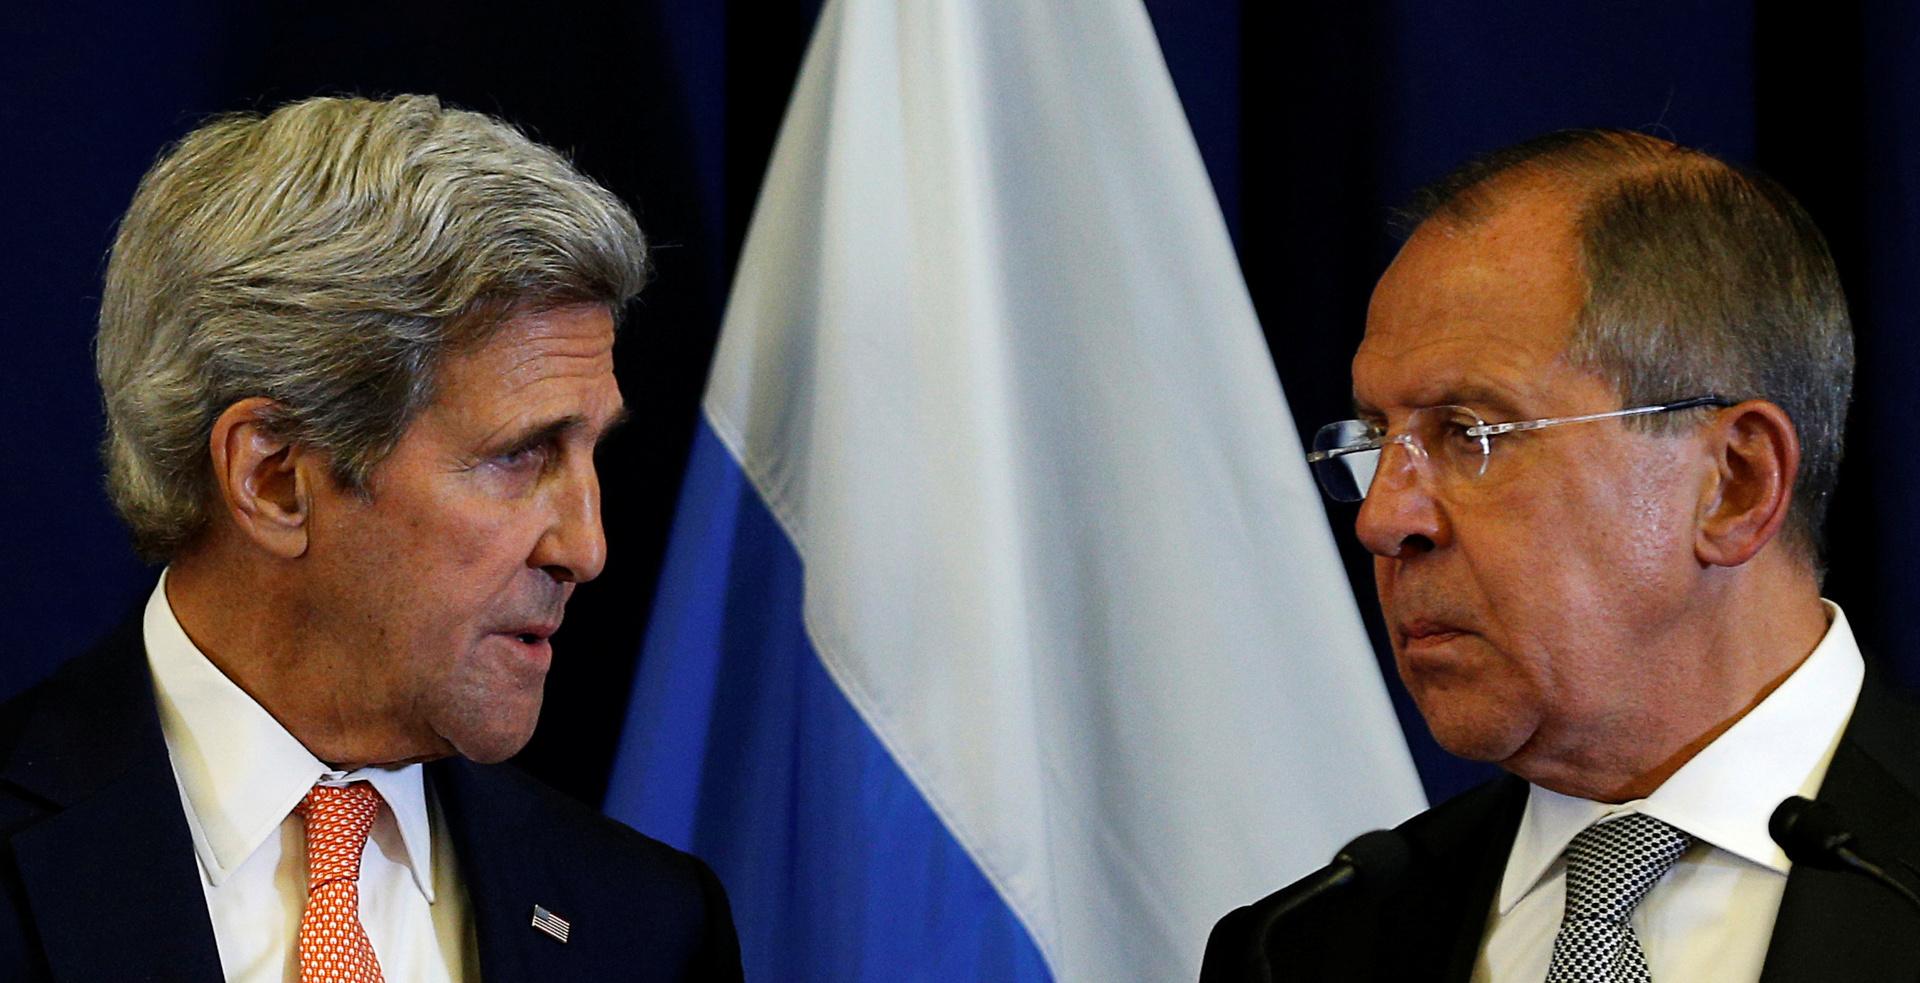 وزير الخارجية الروسي سيرغي لافروف والمبعوث الأمريكي لشؤون المناخ جون كيري - أرشيف